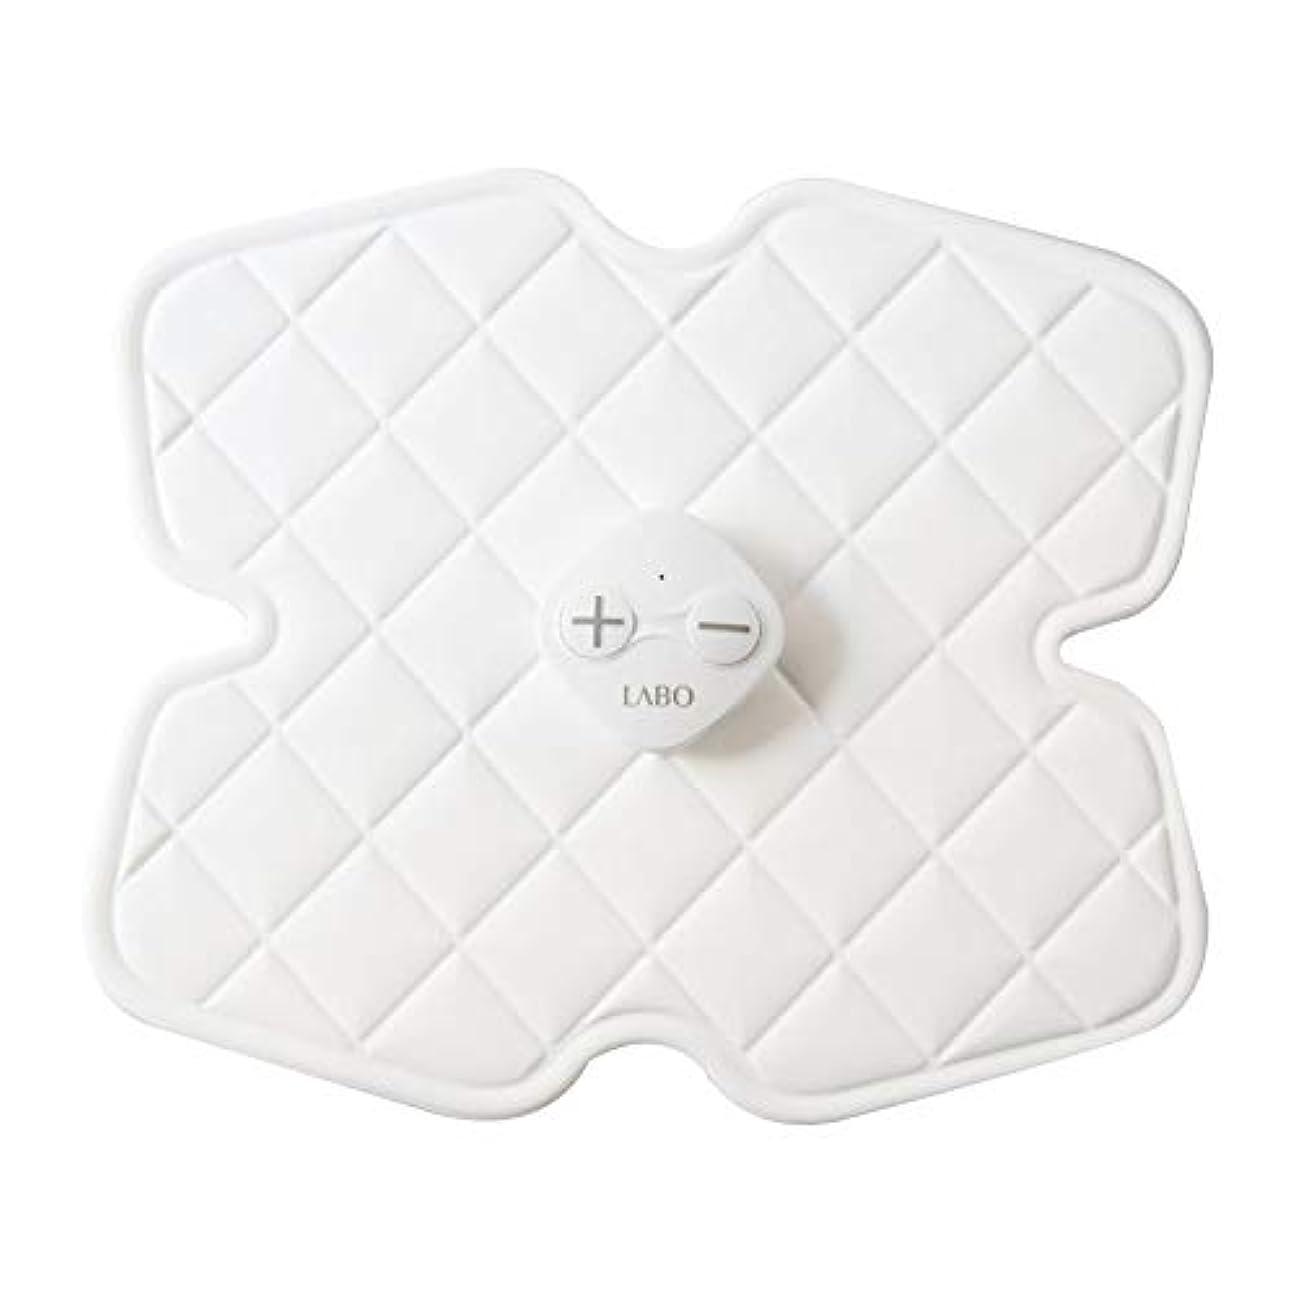 ナビゲーション腸愛撫クルールラボ SLIMPAD CORE CL-EP-307 家庭用EMS運動機器(日本製) スリムパッド コア 充電池式